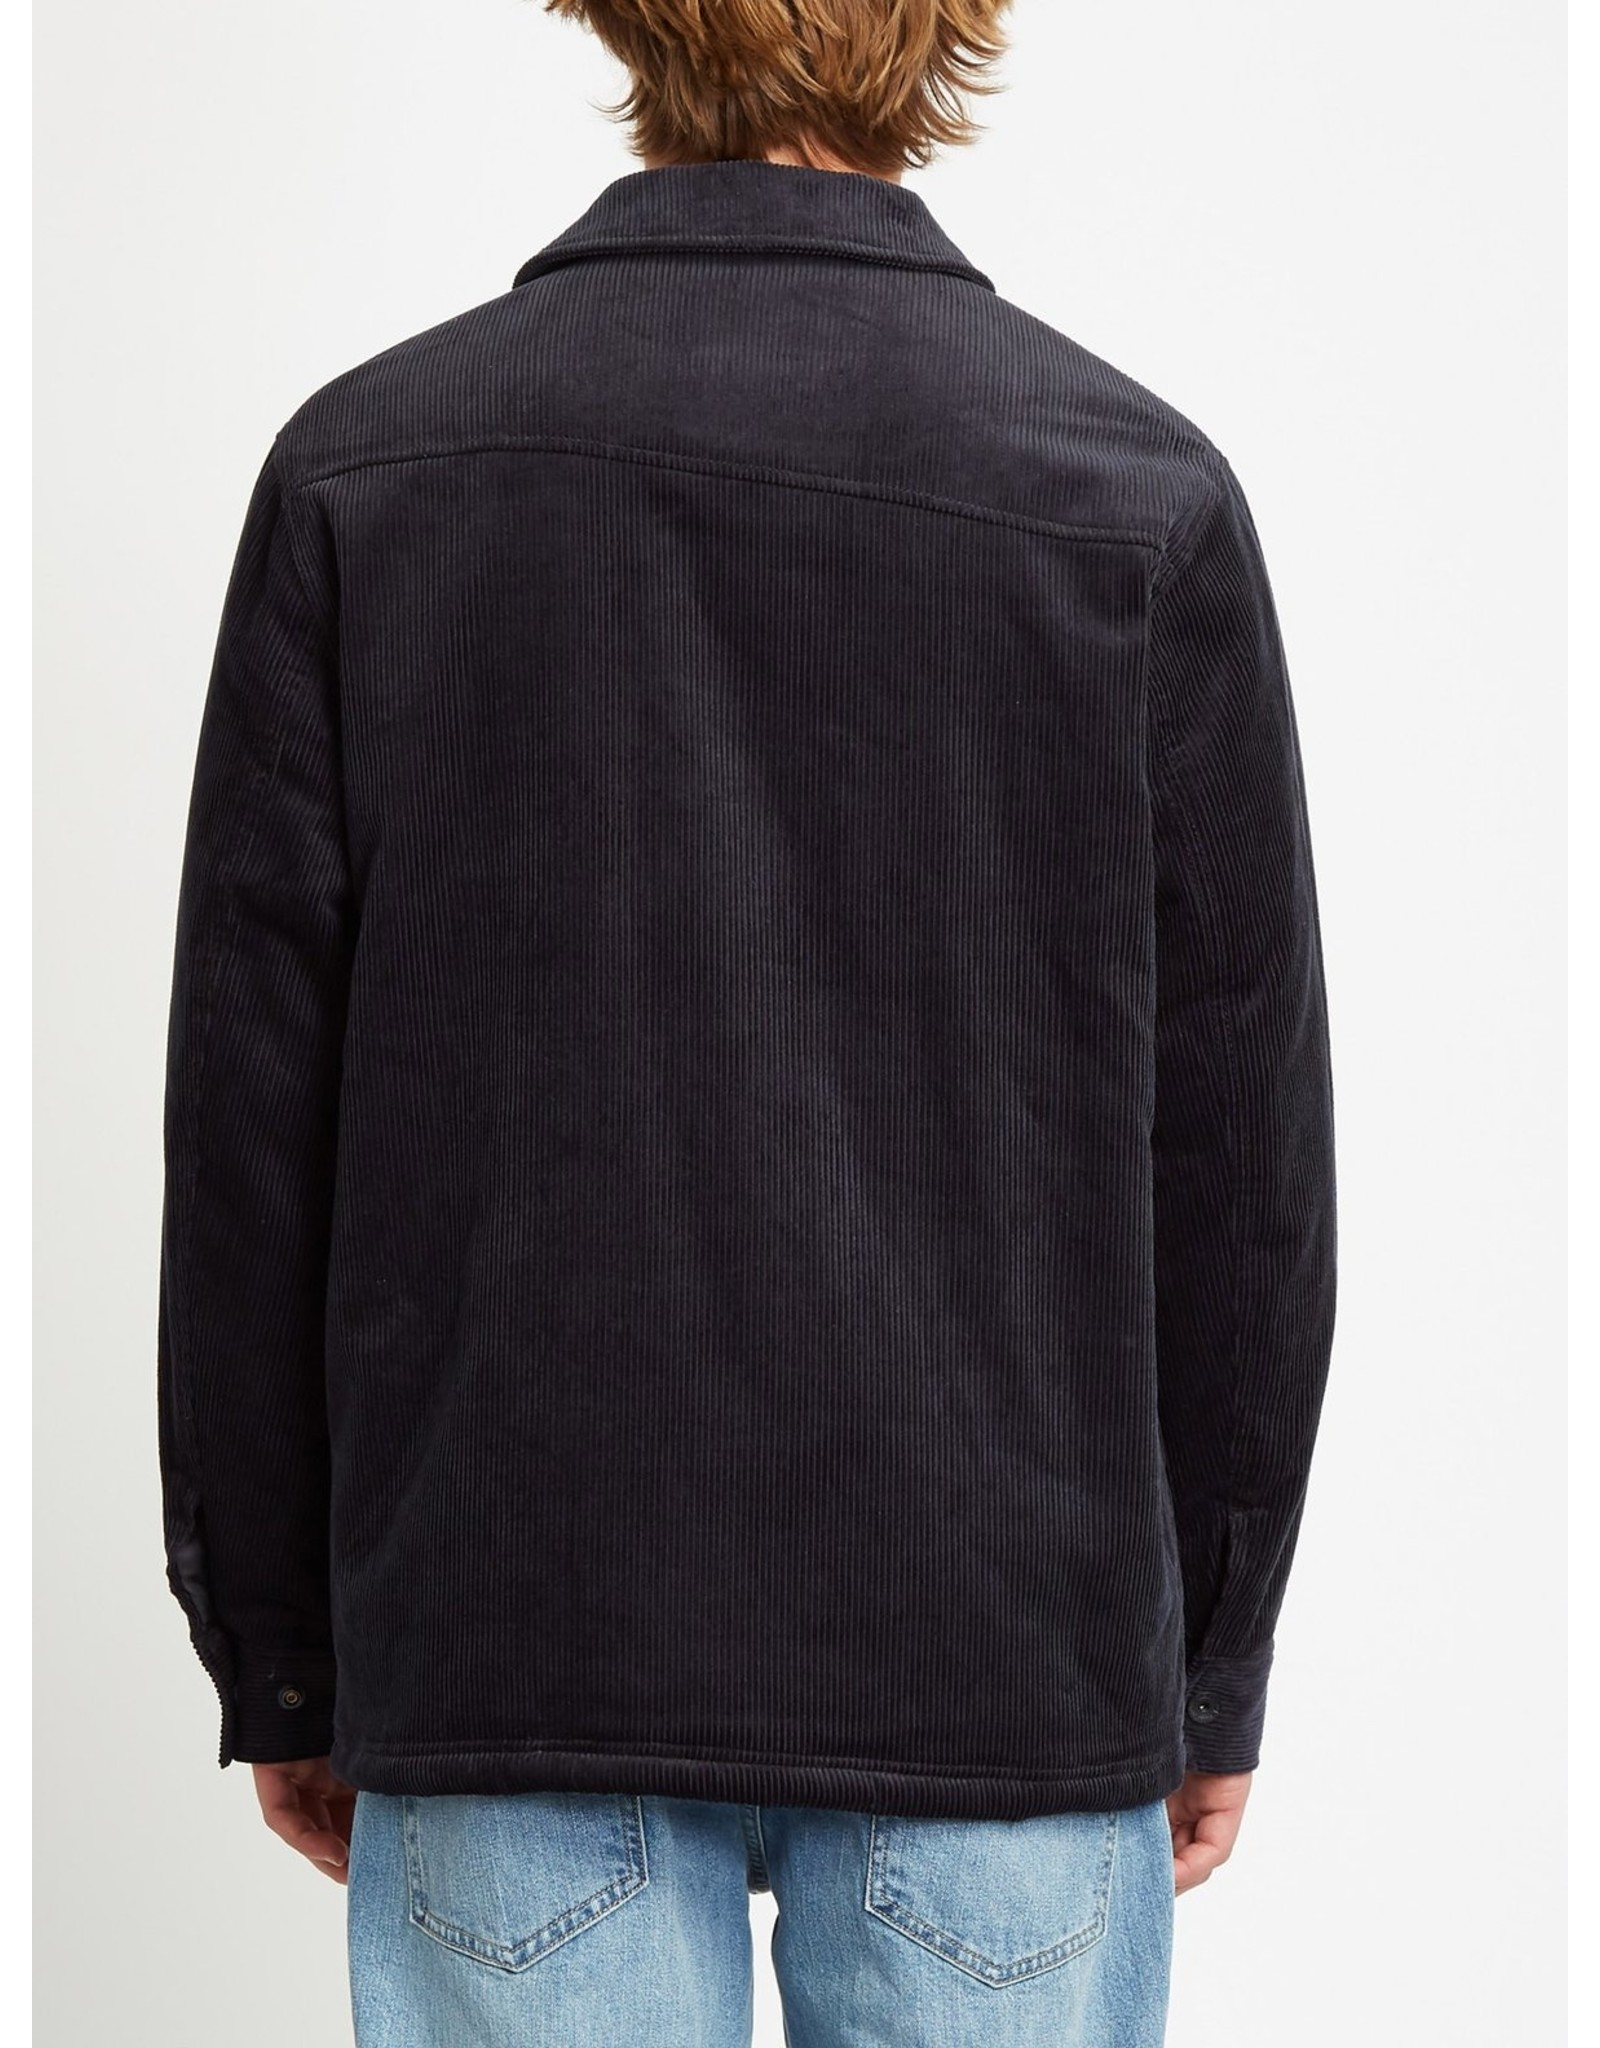 Volcom Benvord Jacket - Black